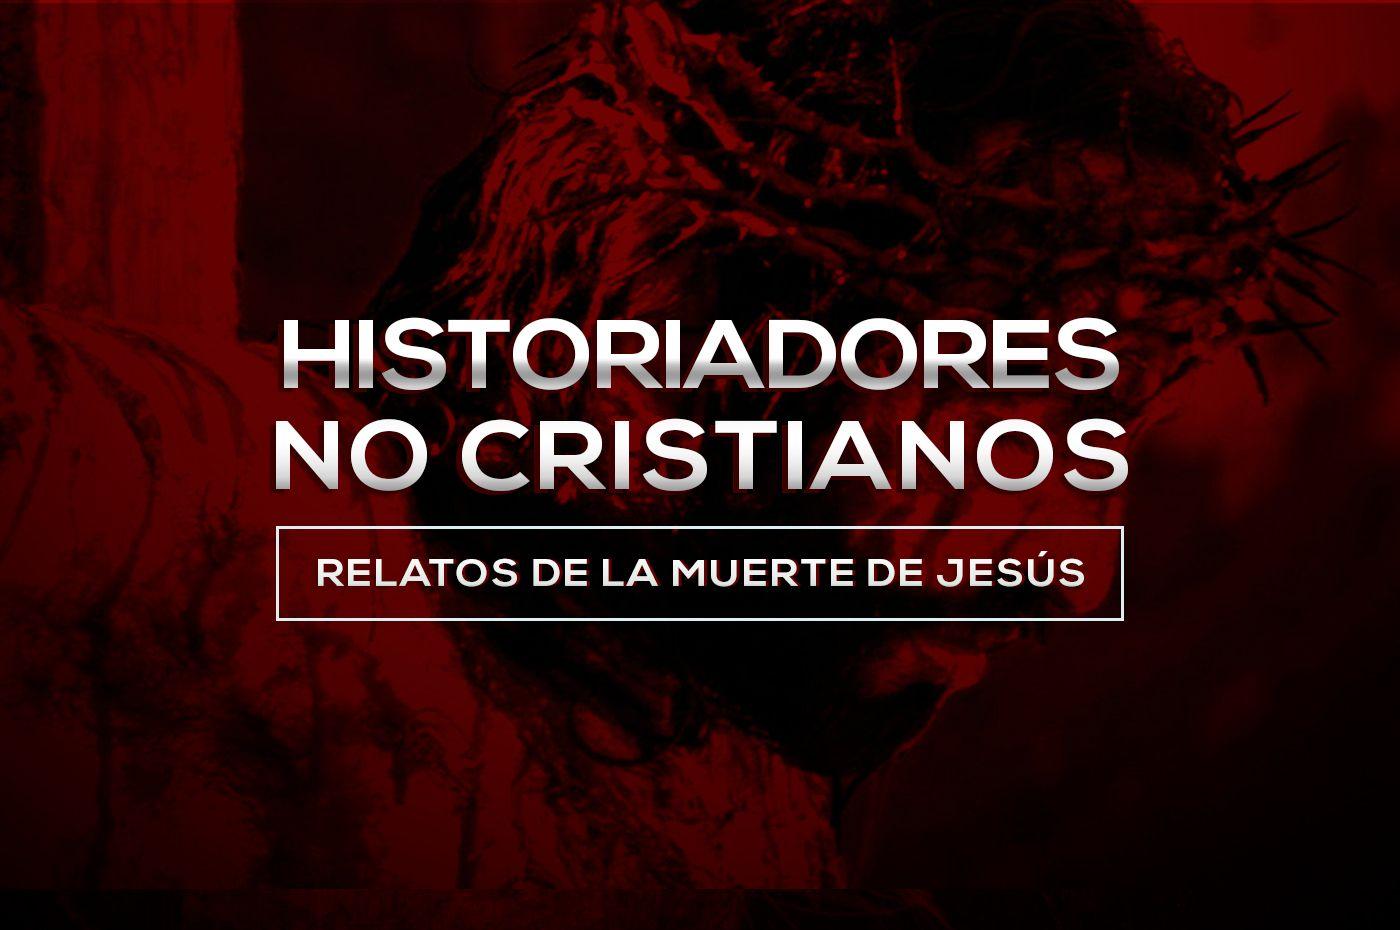 La muerte de Jesús: verdad contada por los historiadores no cristianos